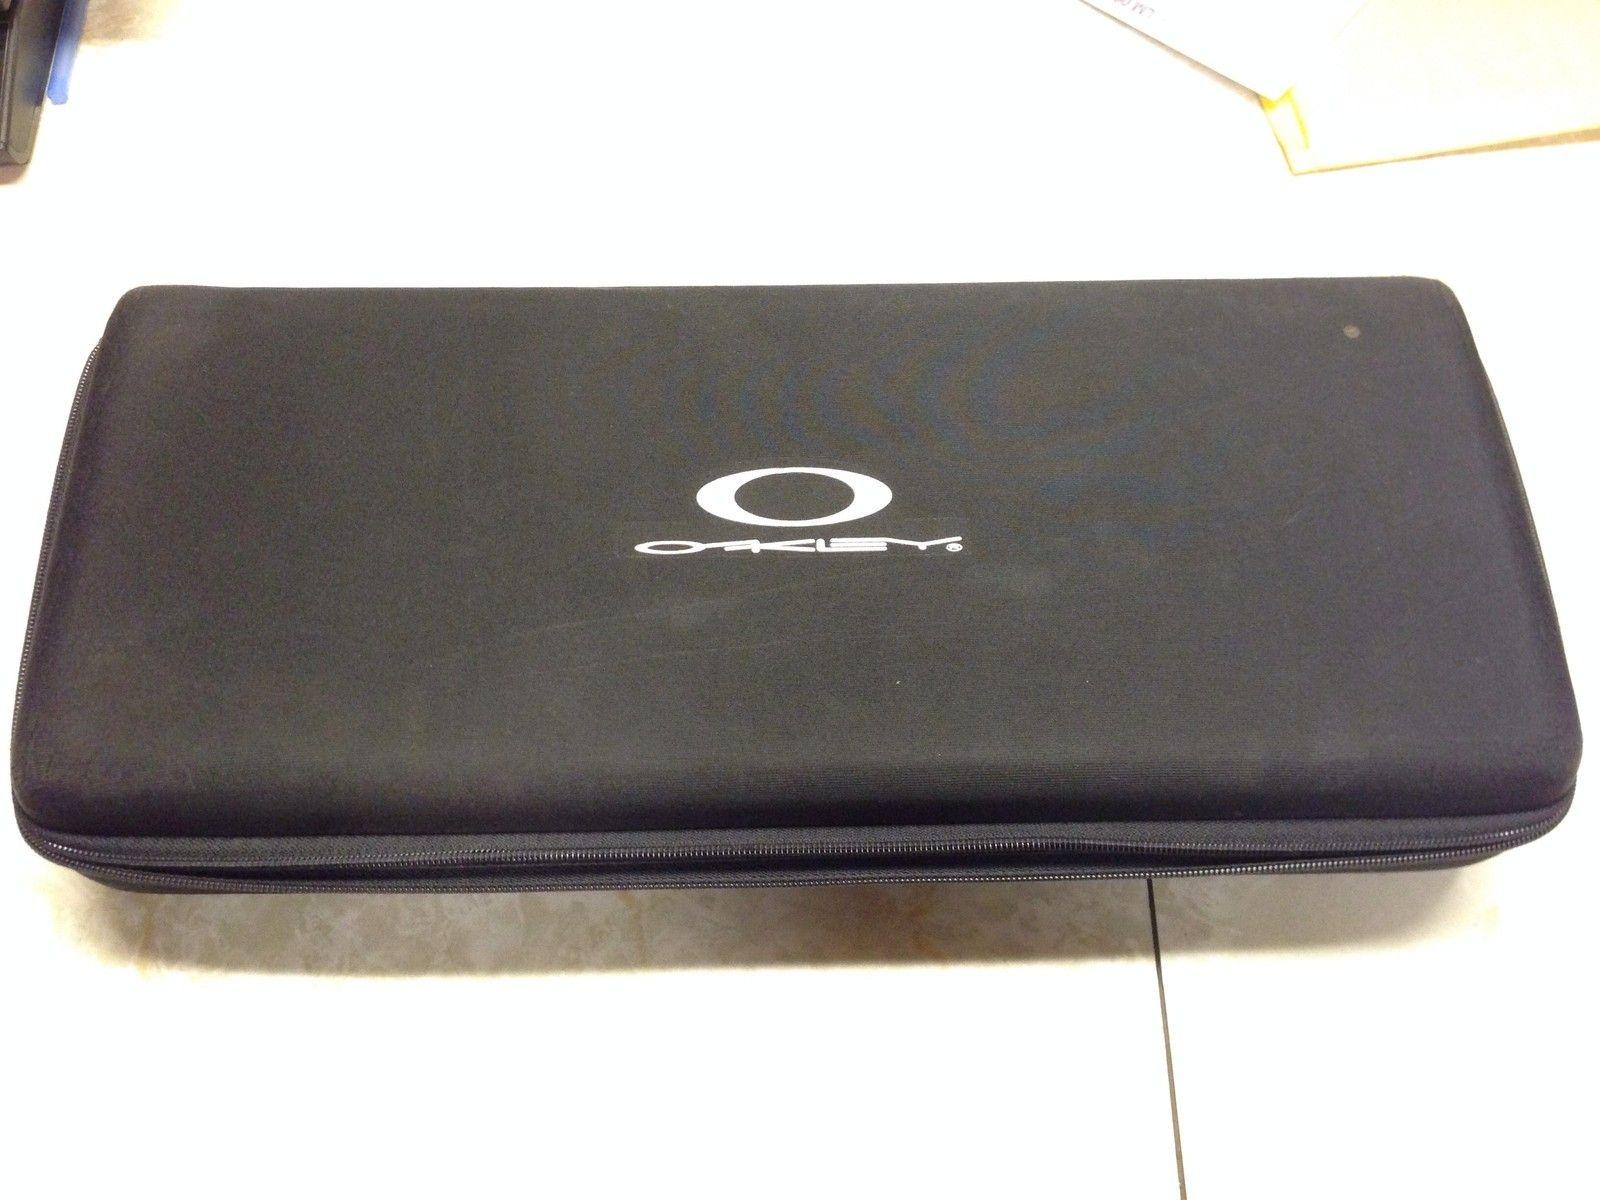 Oakley Sales Rep Case - di2UE1U.jpg